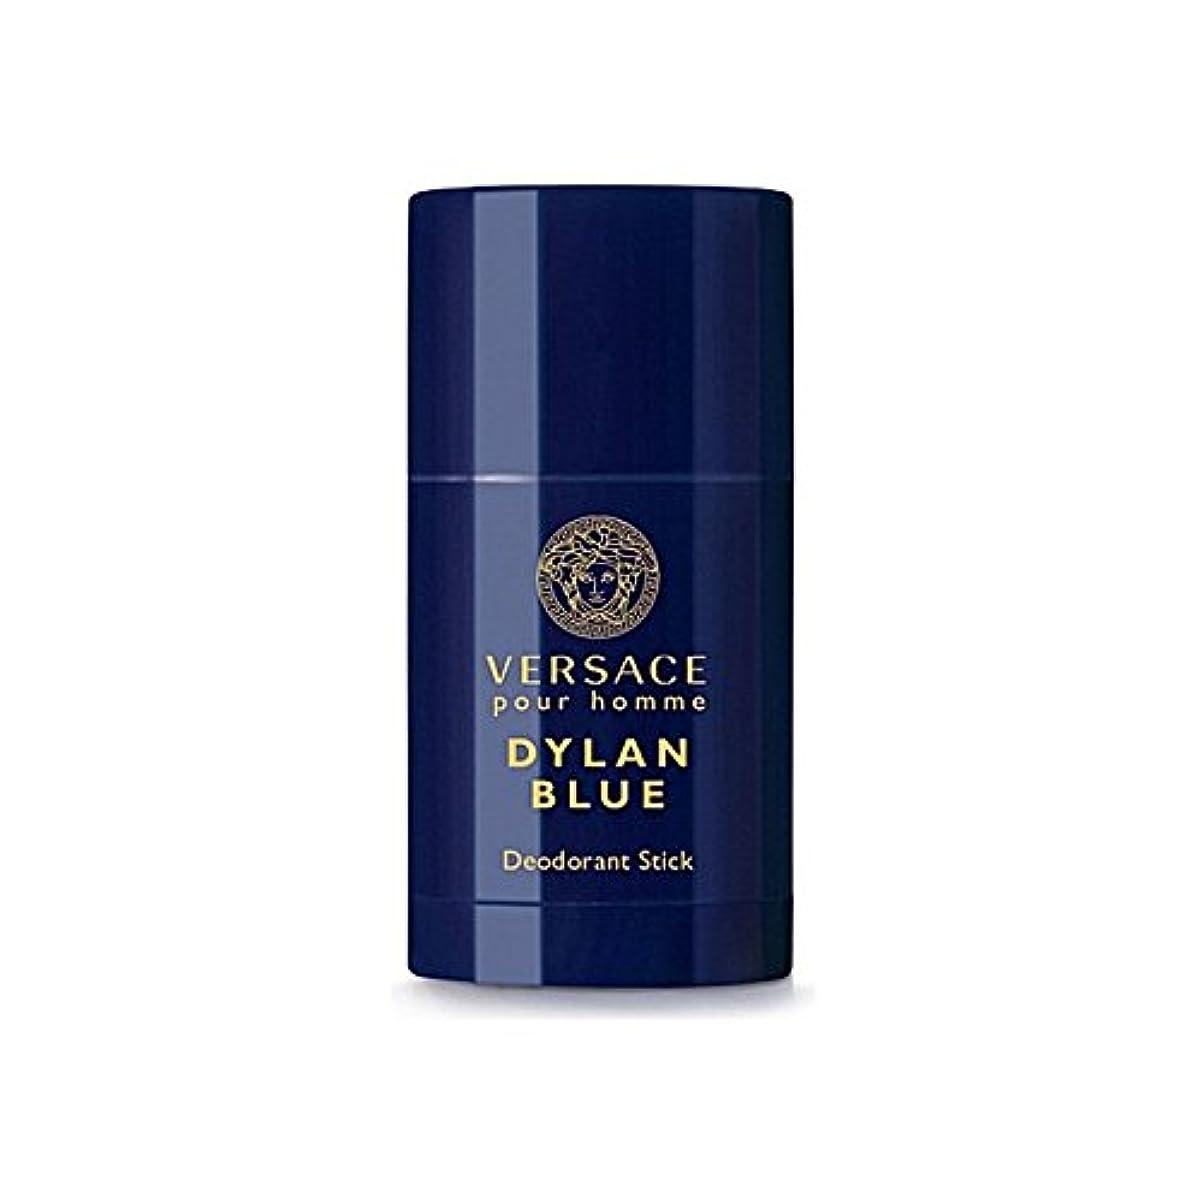 怒りもろい達成可能Versace Dylan Blue Deodorant Stick 75ml - ヴェルサーチディランブルーデオドラントスティック75ミリリットル [並行輸入品]